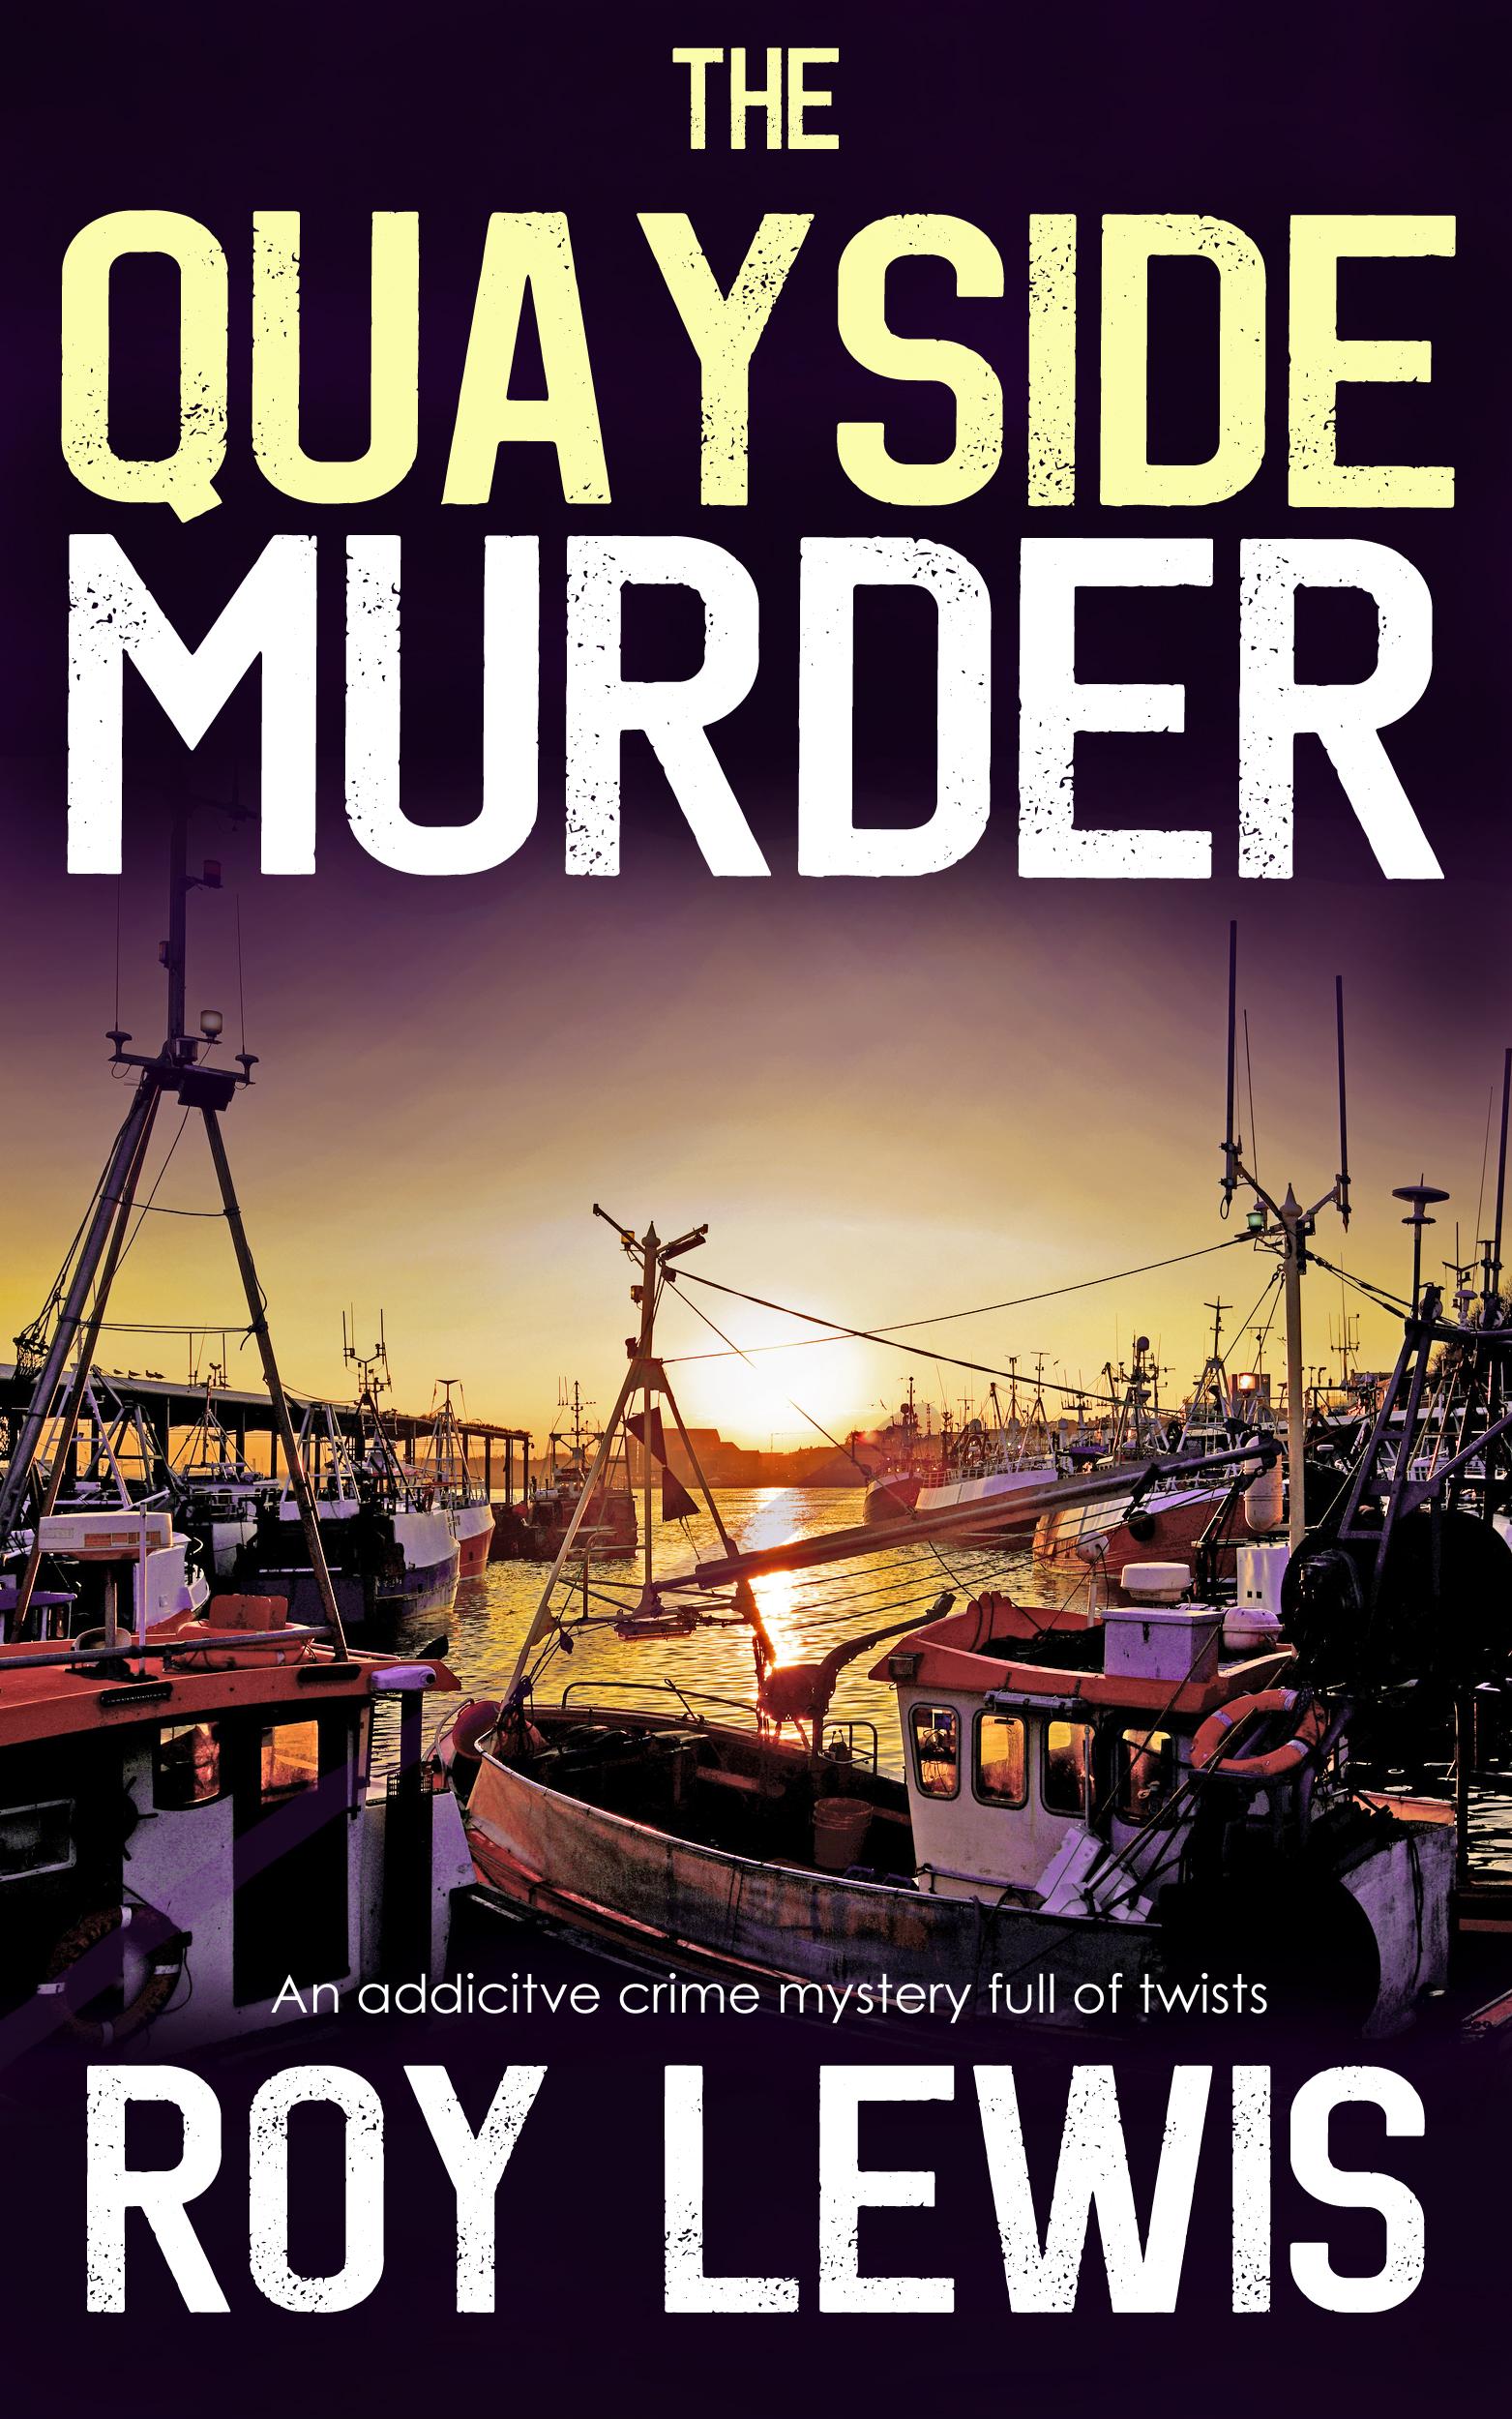 quayside murder.jpg